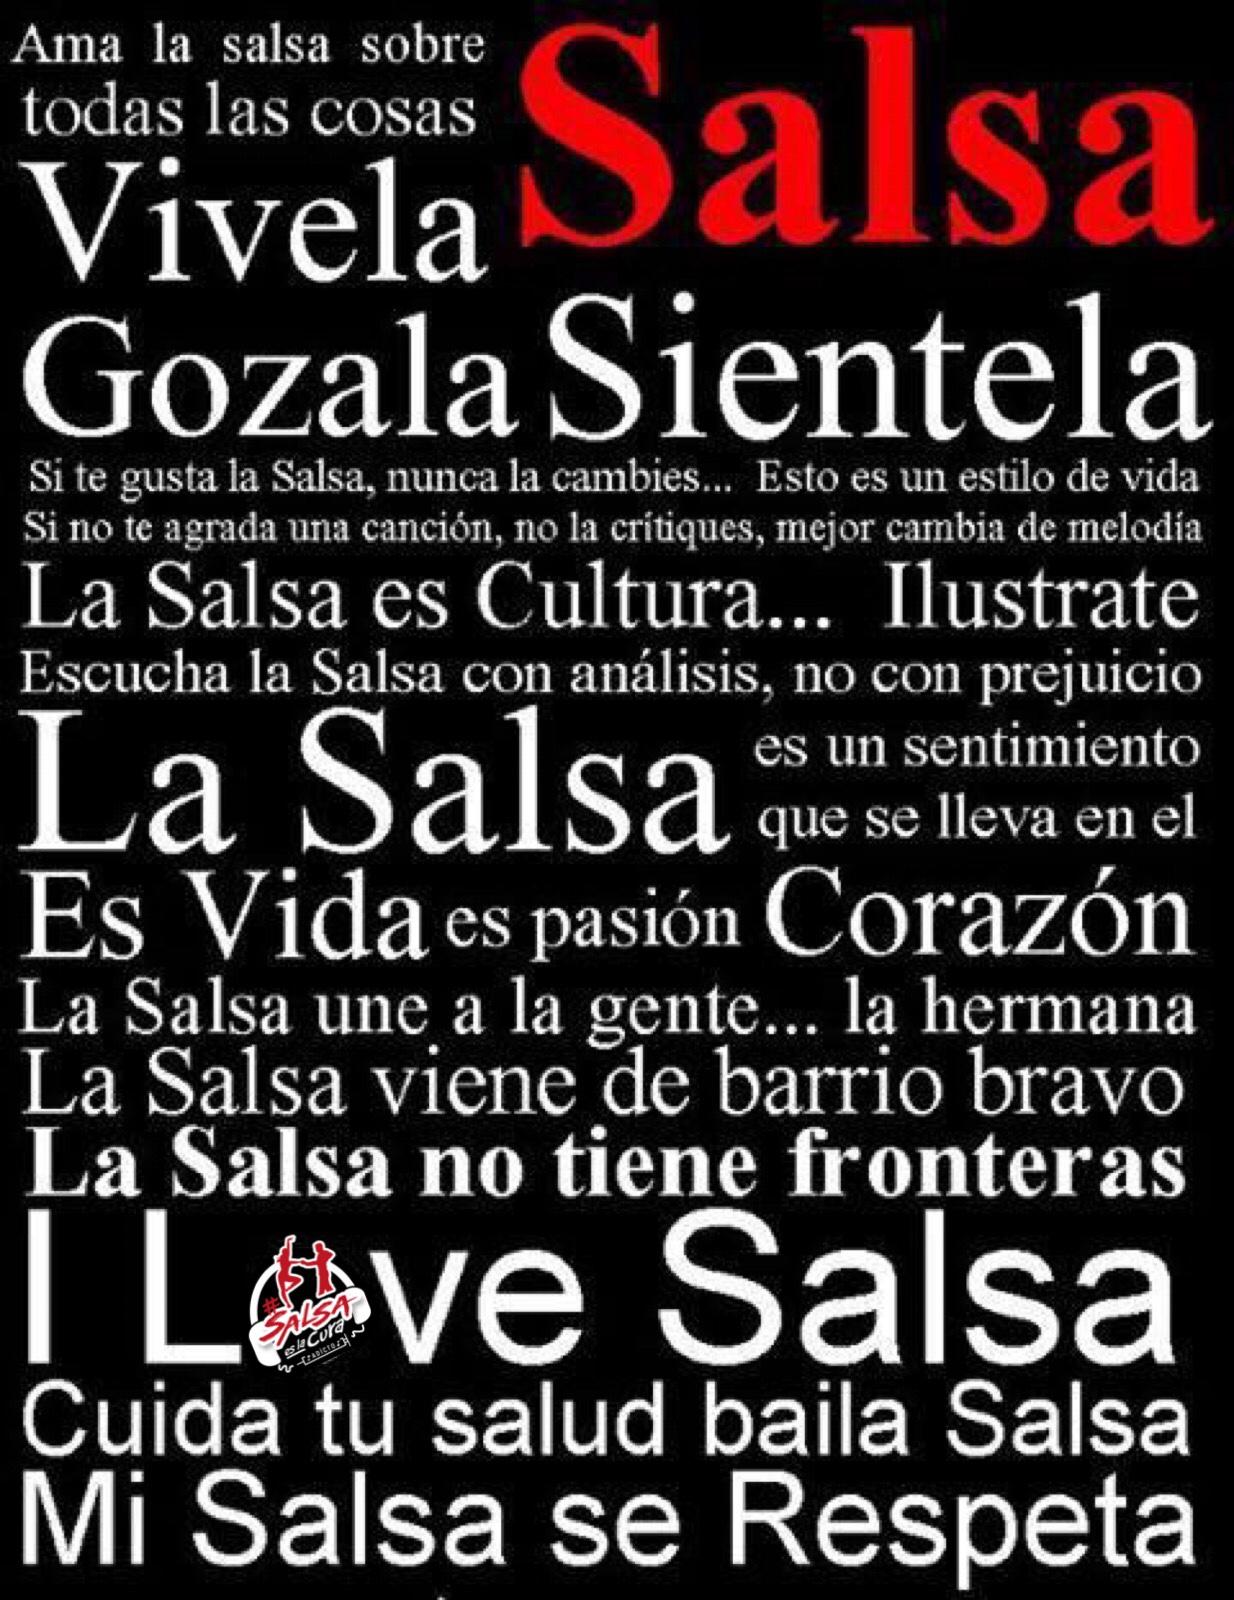 Los memes de Salsa es la cura